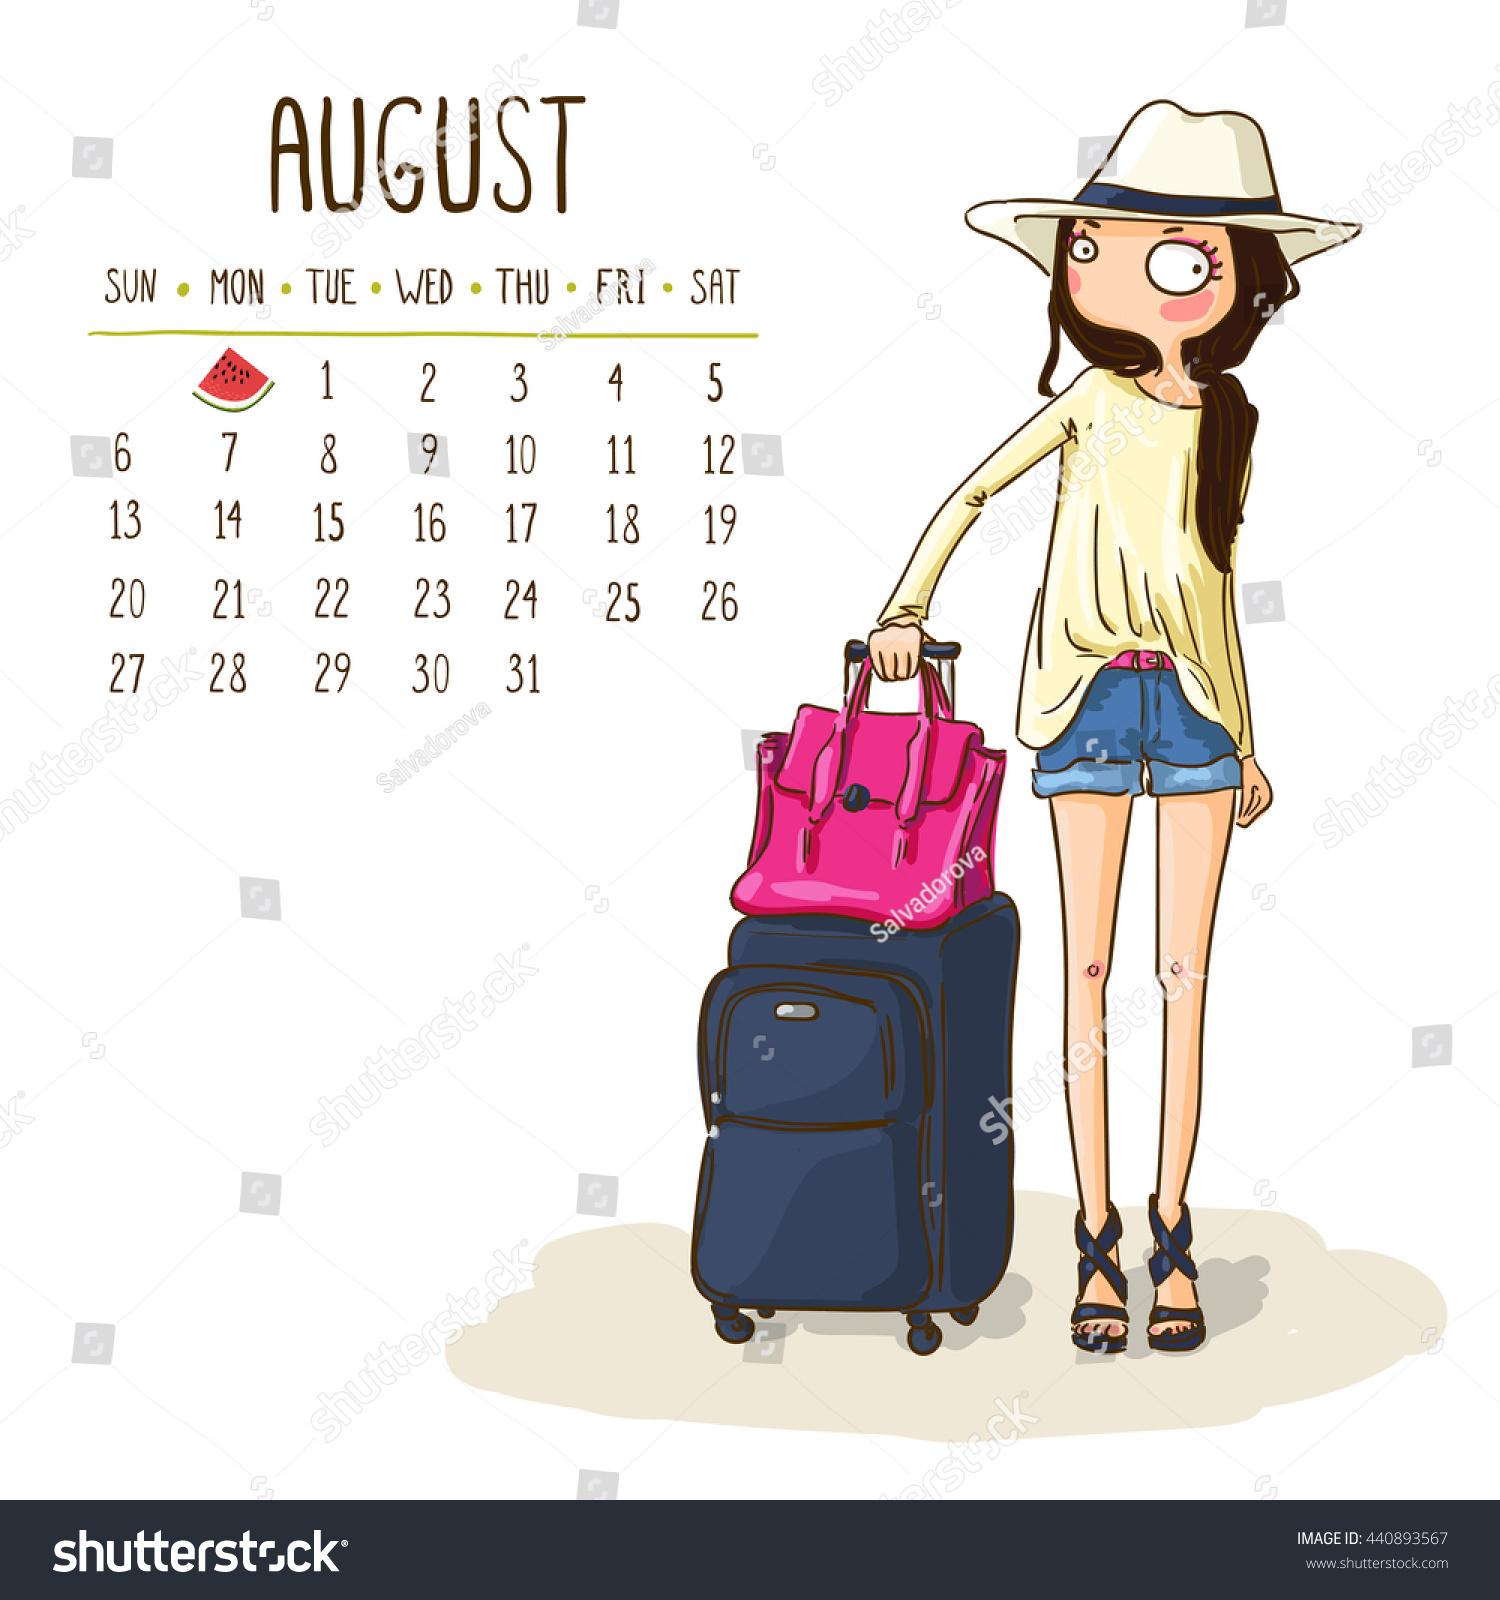 October 2017 calendar cute